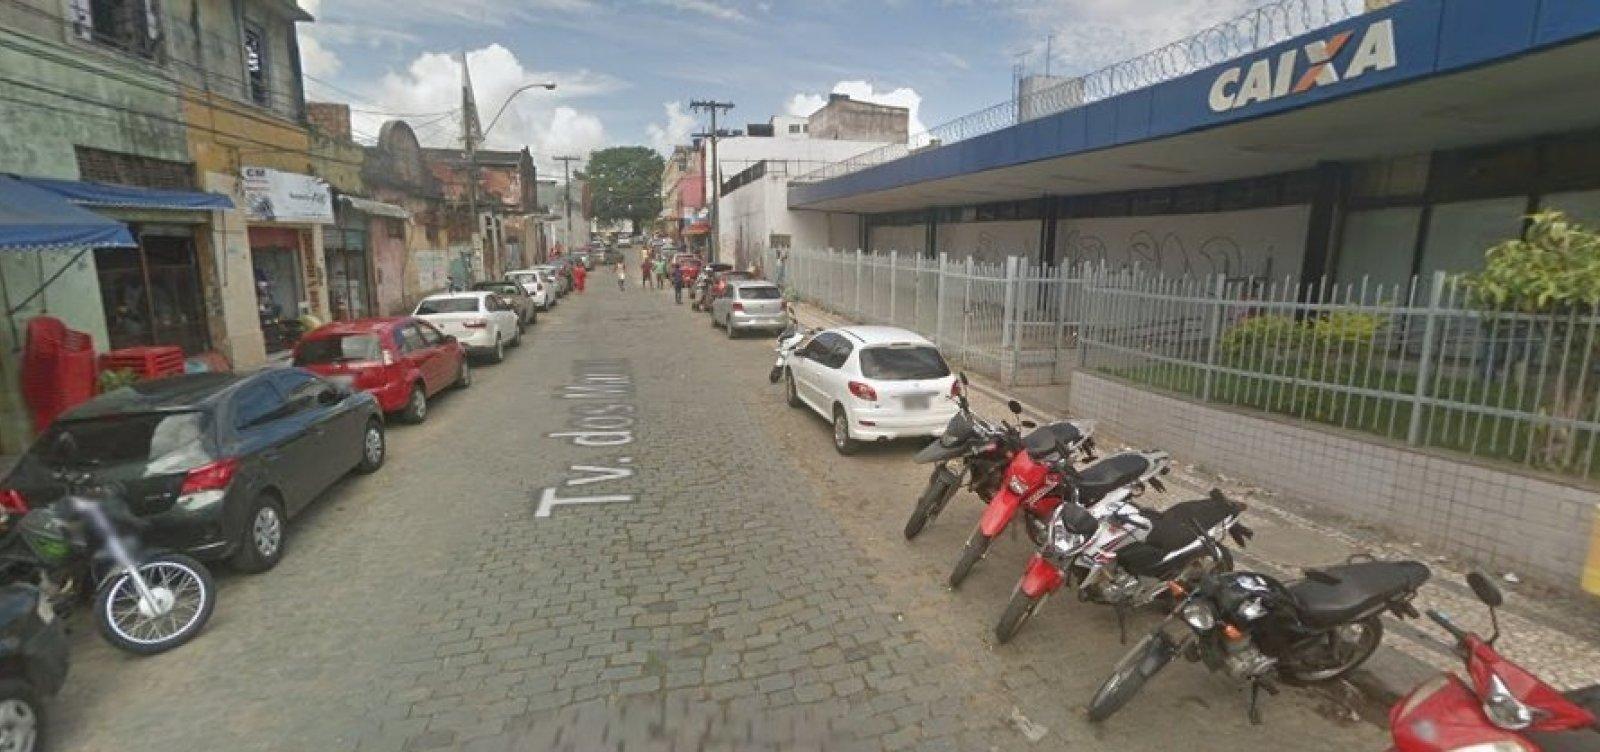 Idoso é assassinado a tiros no bairro da Calçada